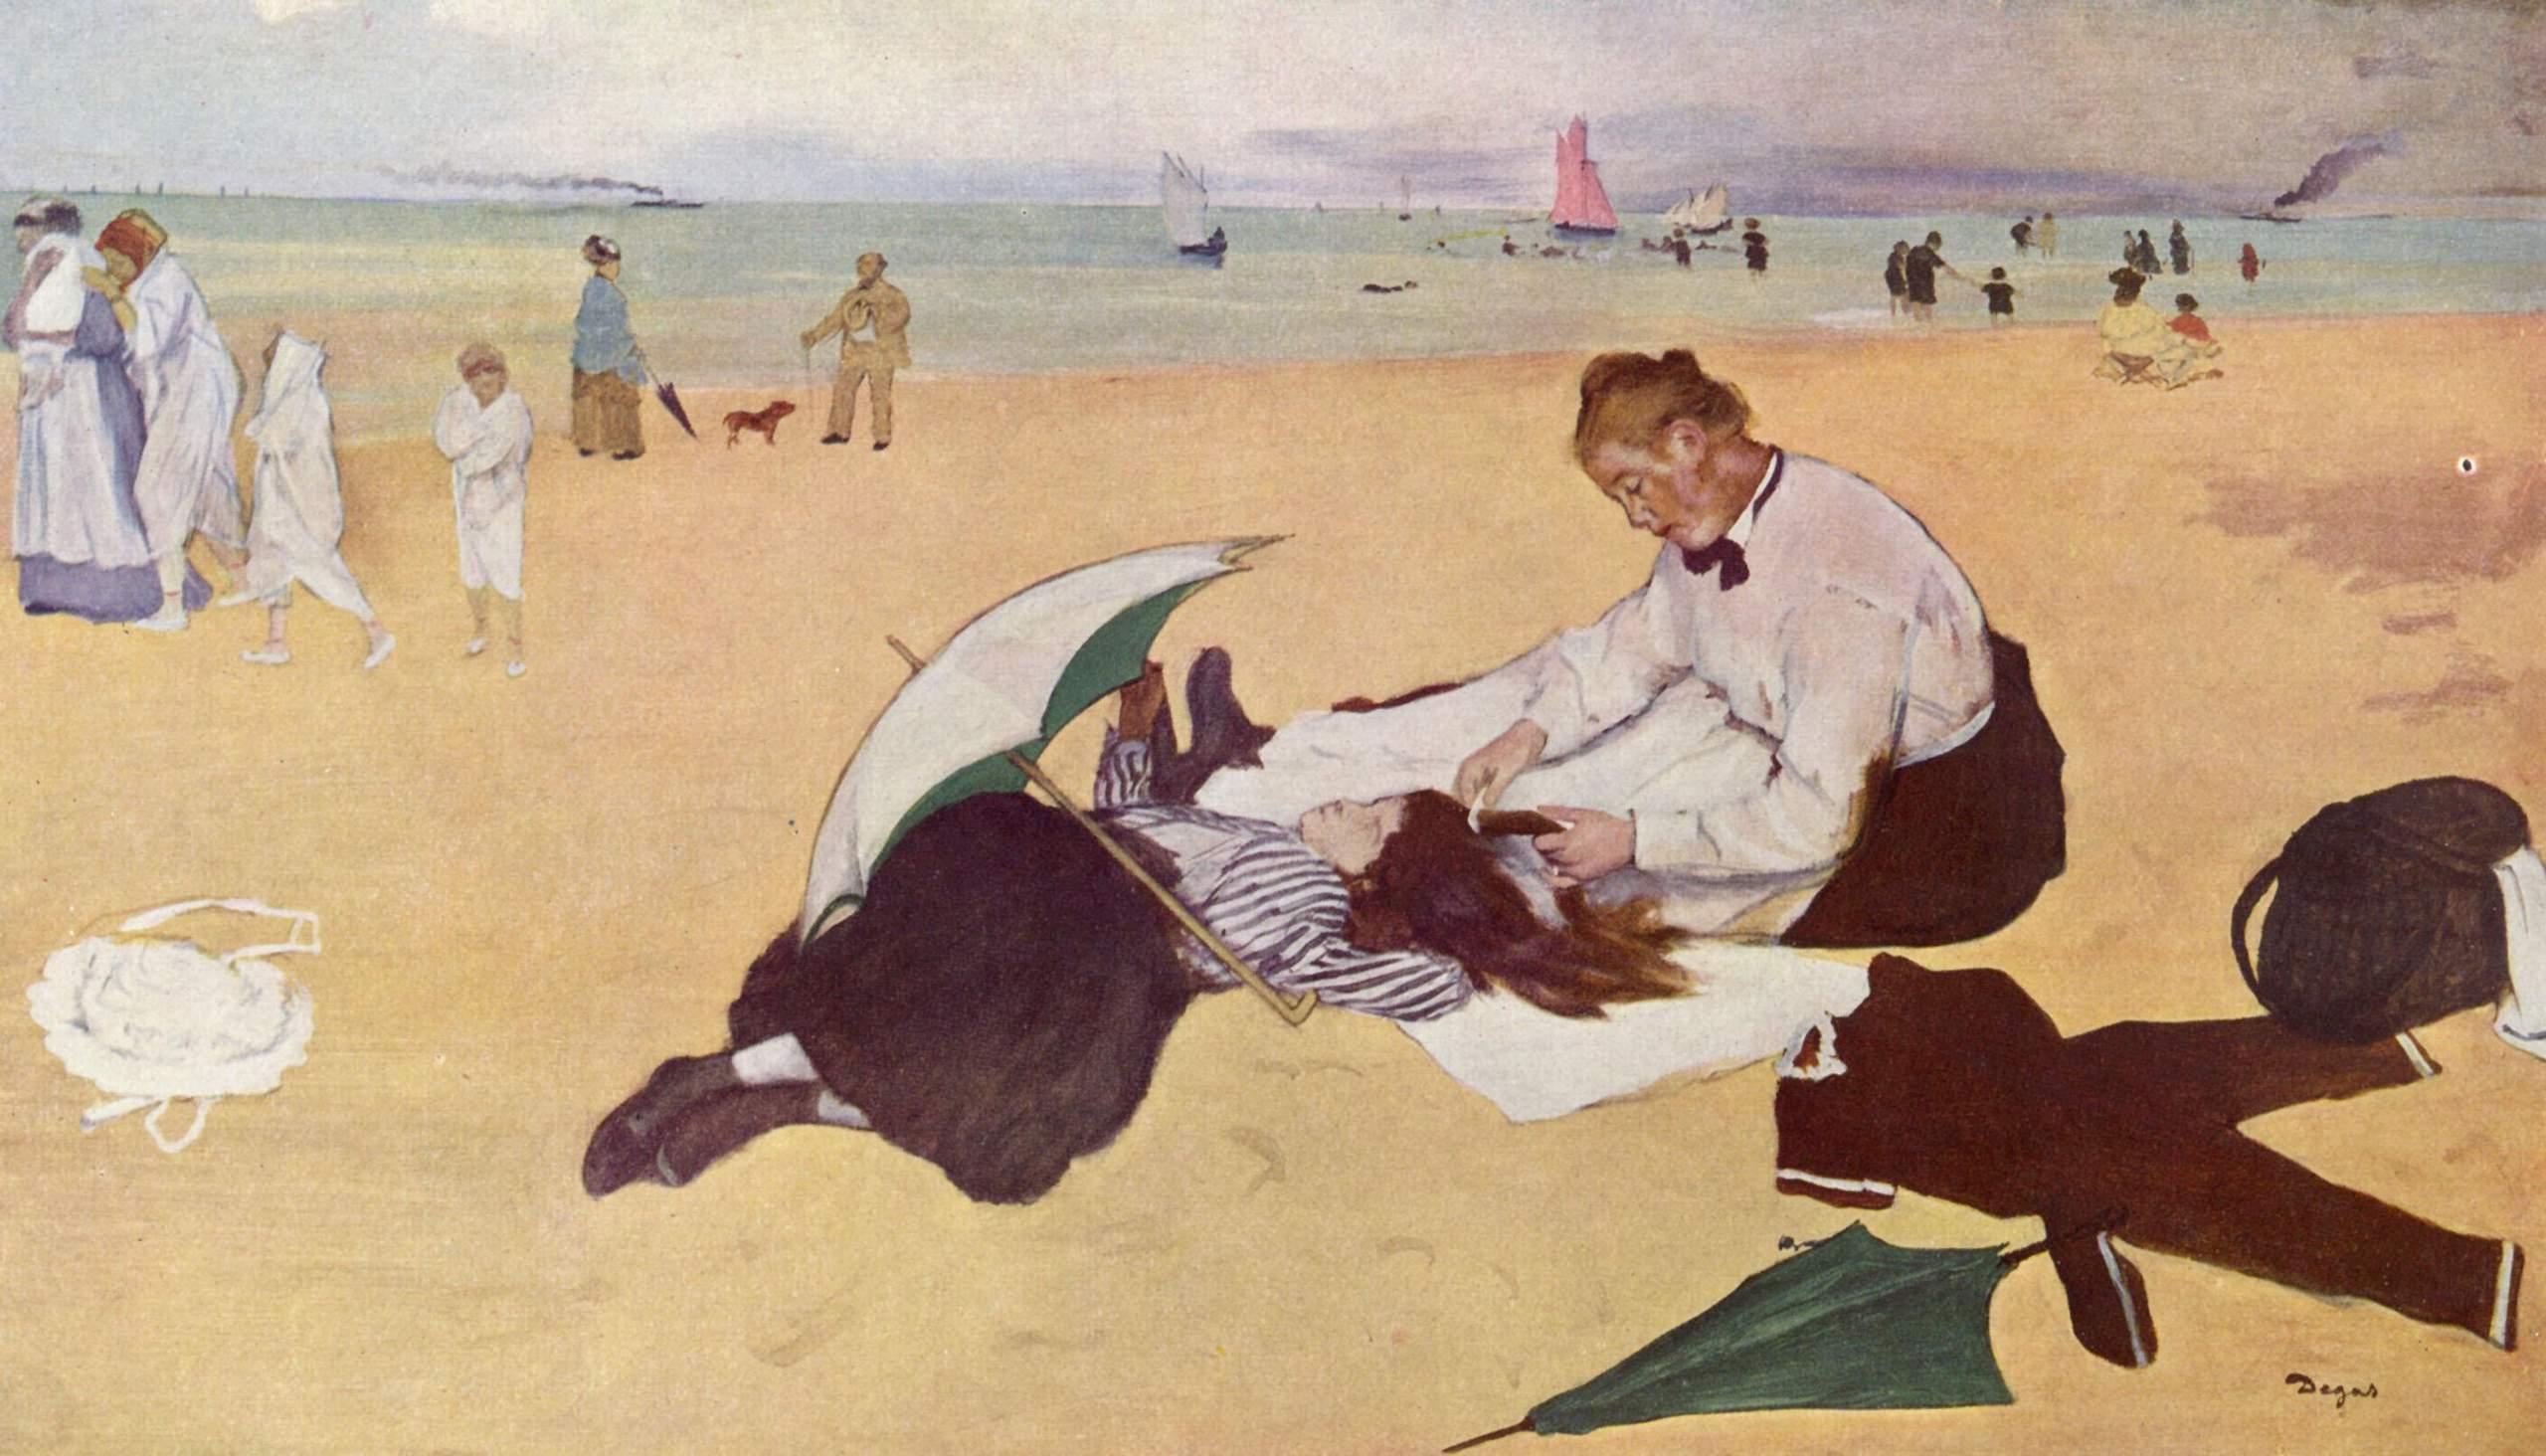 Маленькая девочка на пляже с бонной, расчёсывающей ей волосы, Эдгар-Жермен - Илер Дега